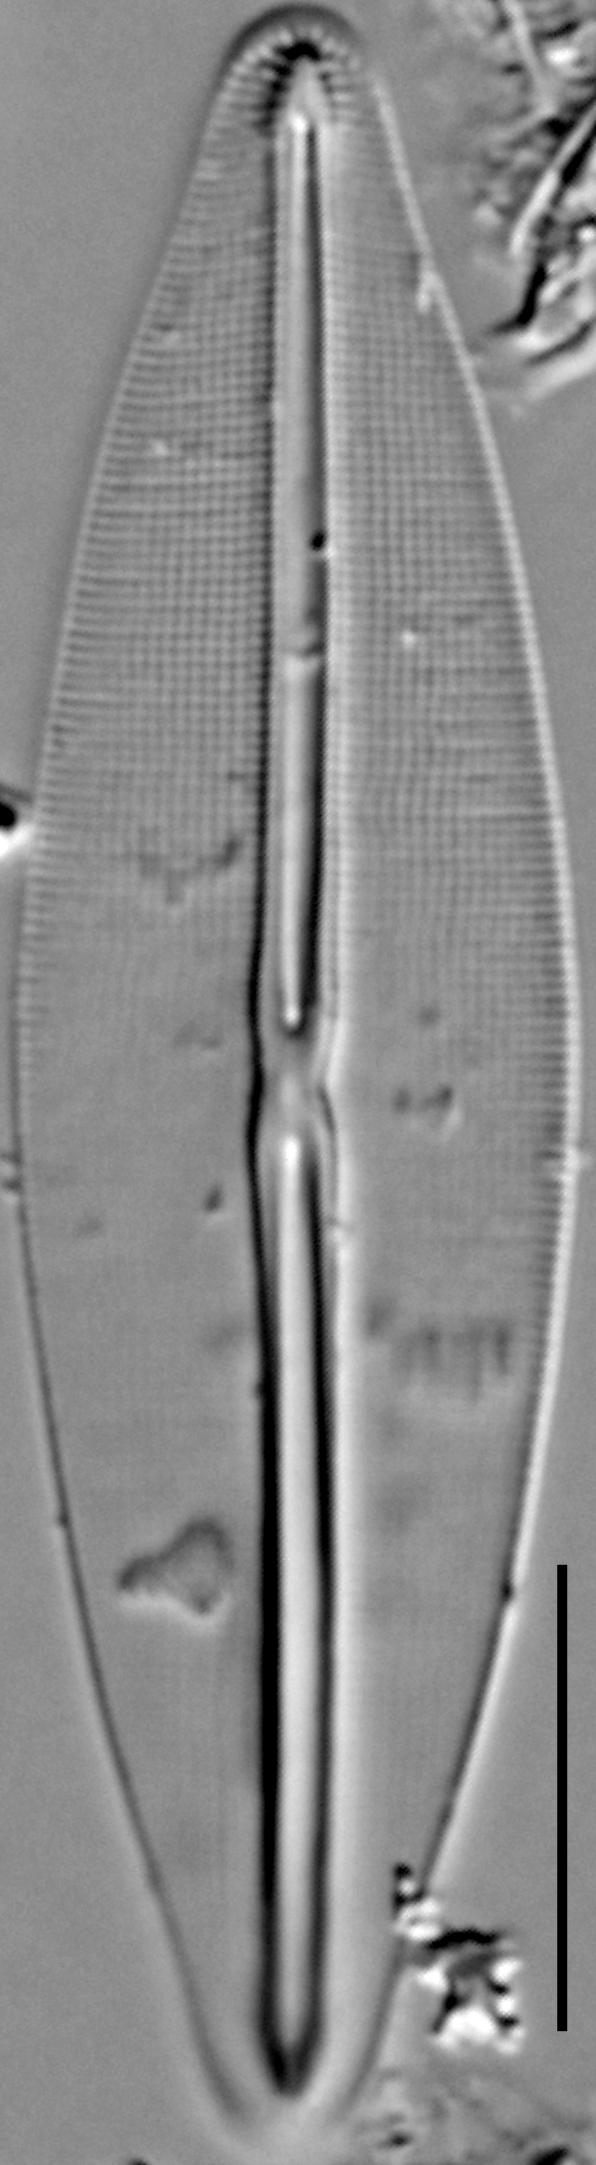 Frustulia saxonica LM1